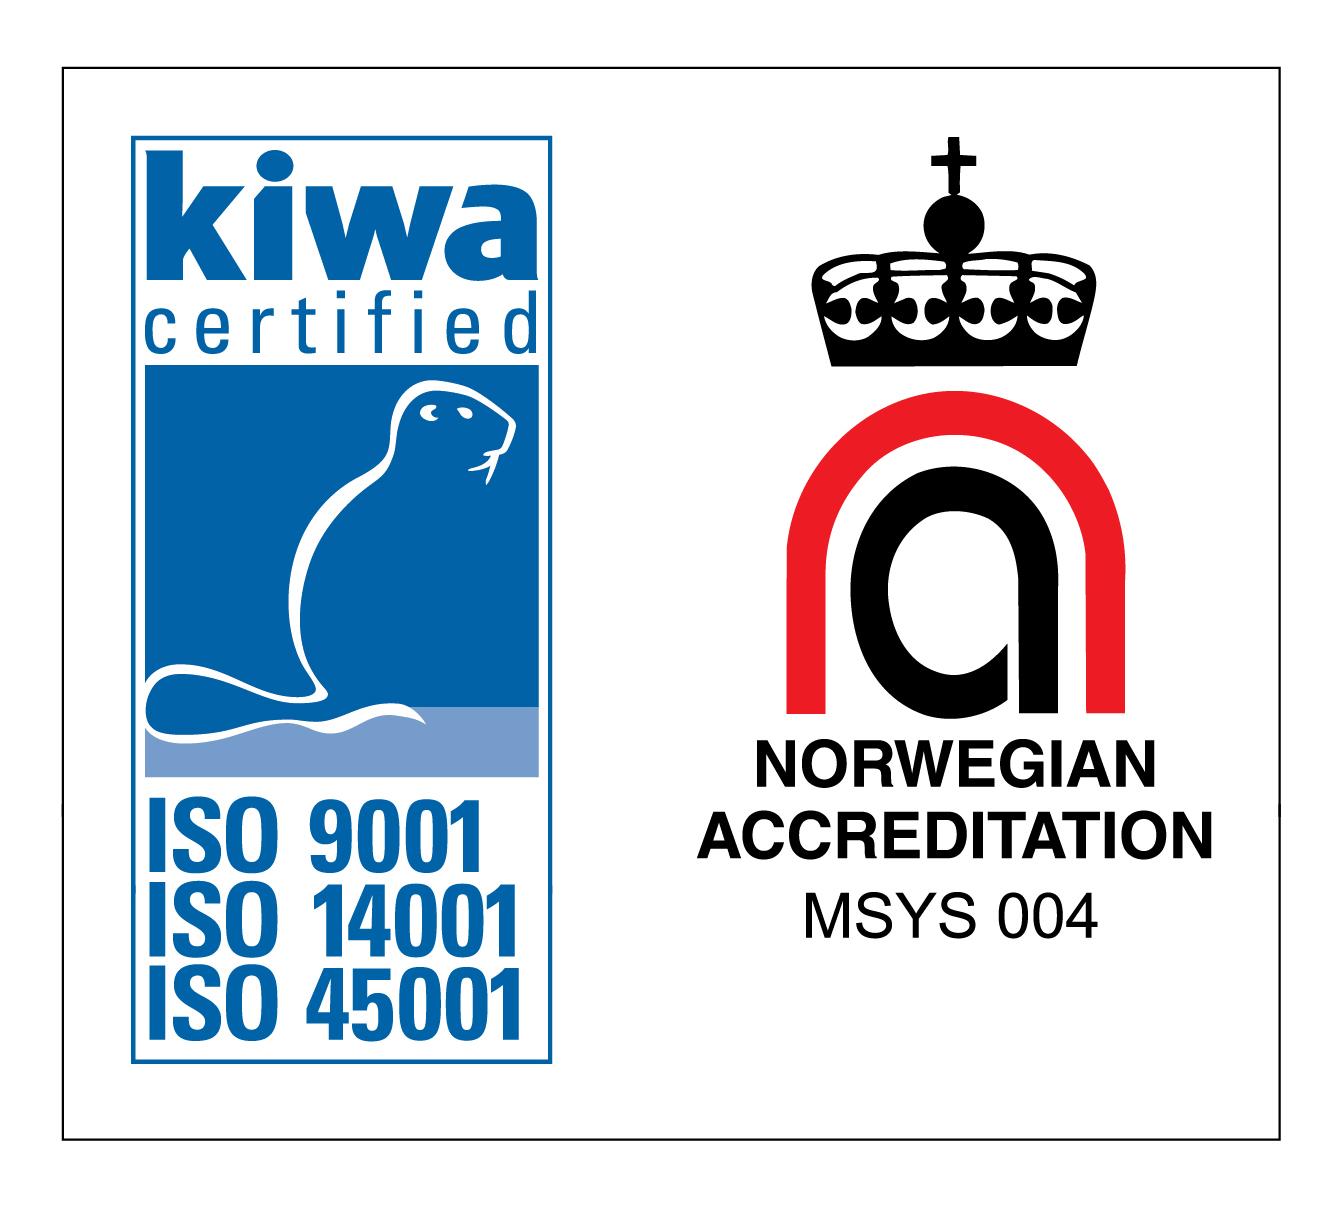 ISO Sertifisering kiwa